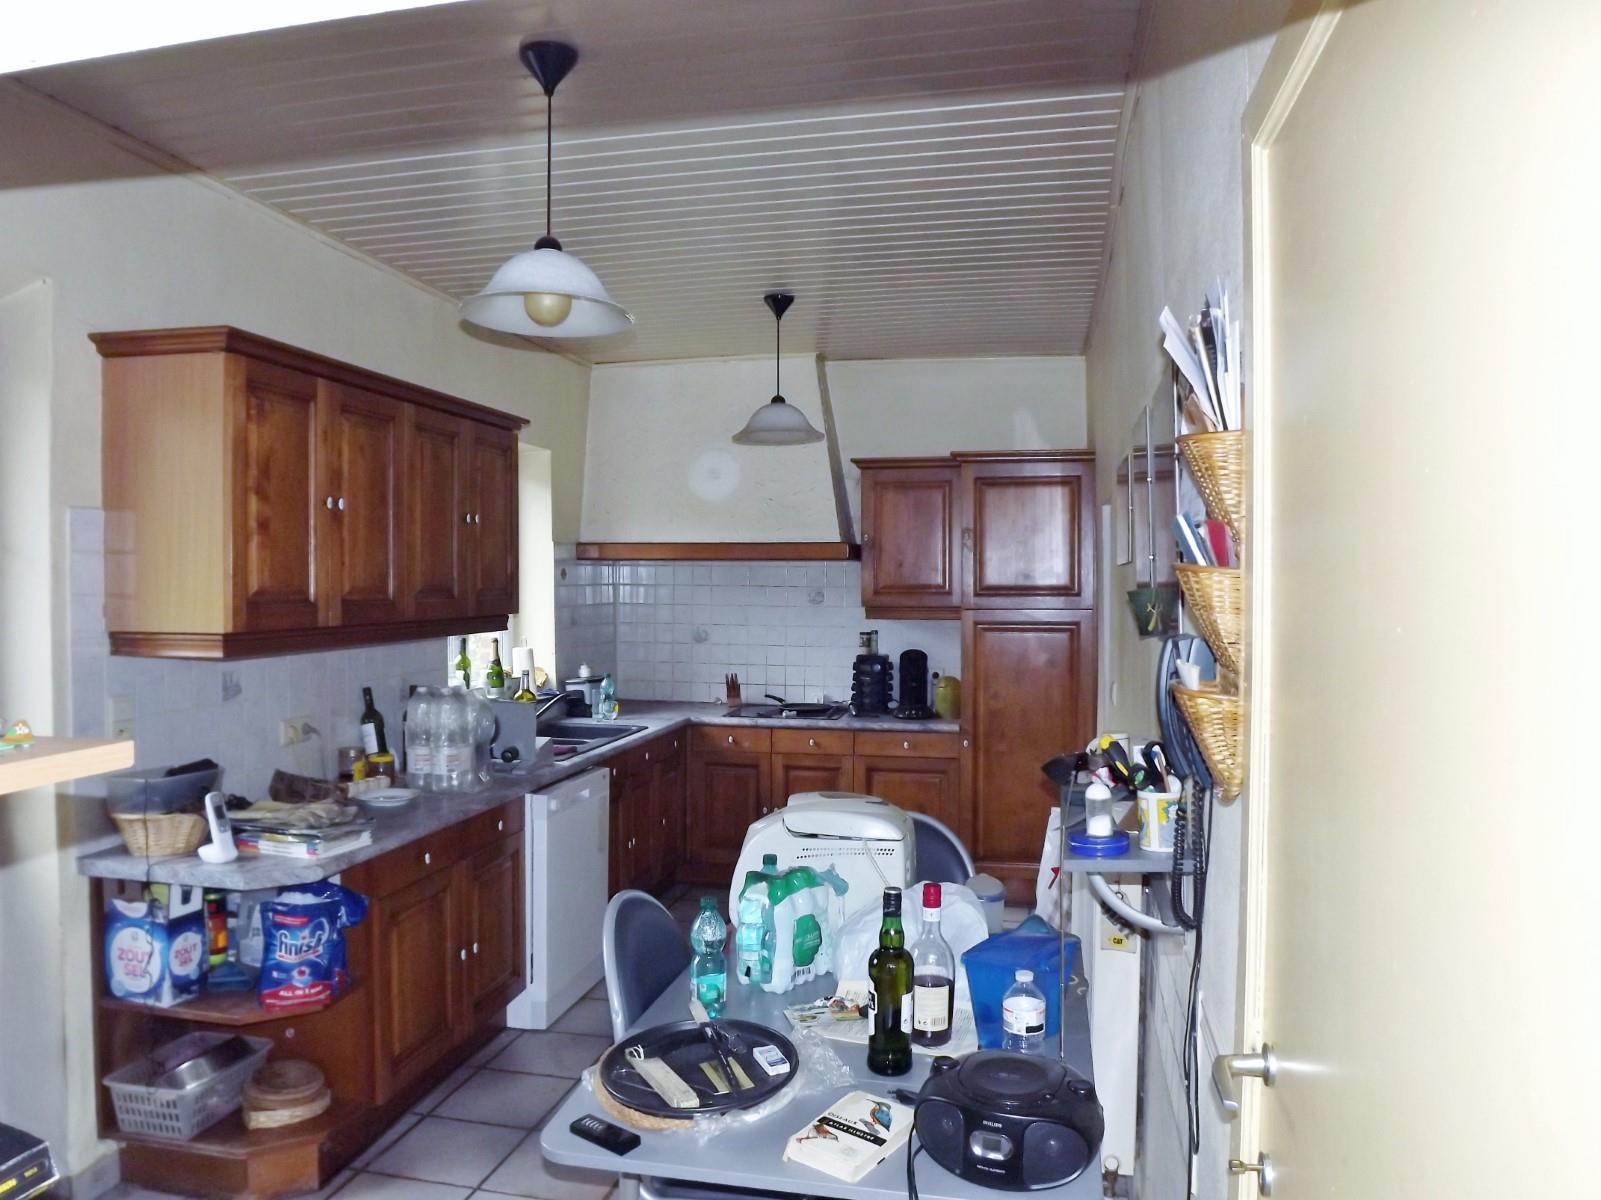 Maison - Villersle-Bouillet Fize-Fontaine - #3955825-4